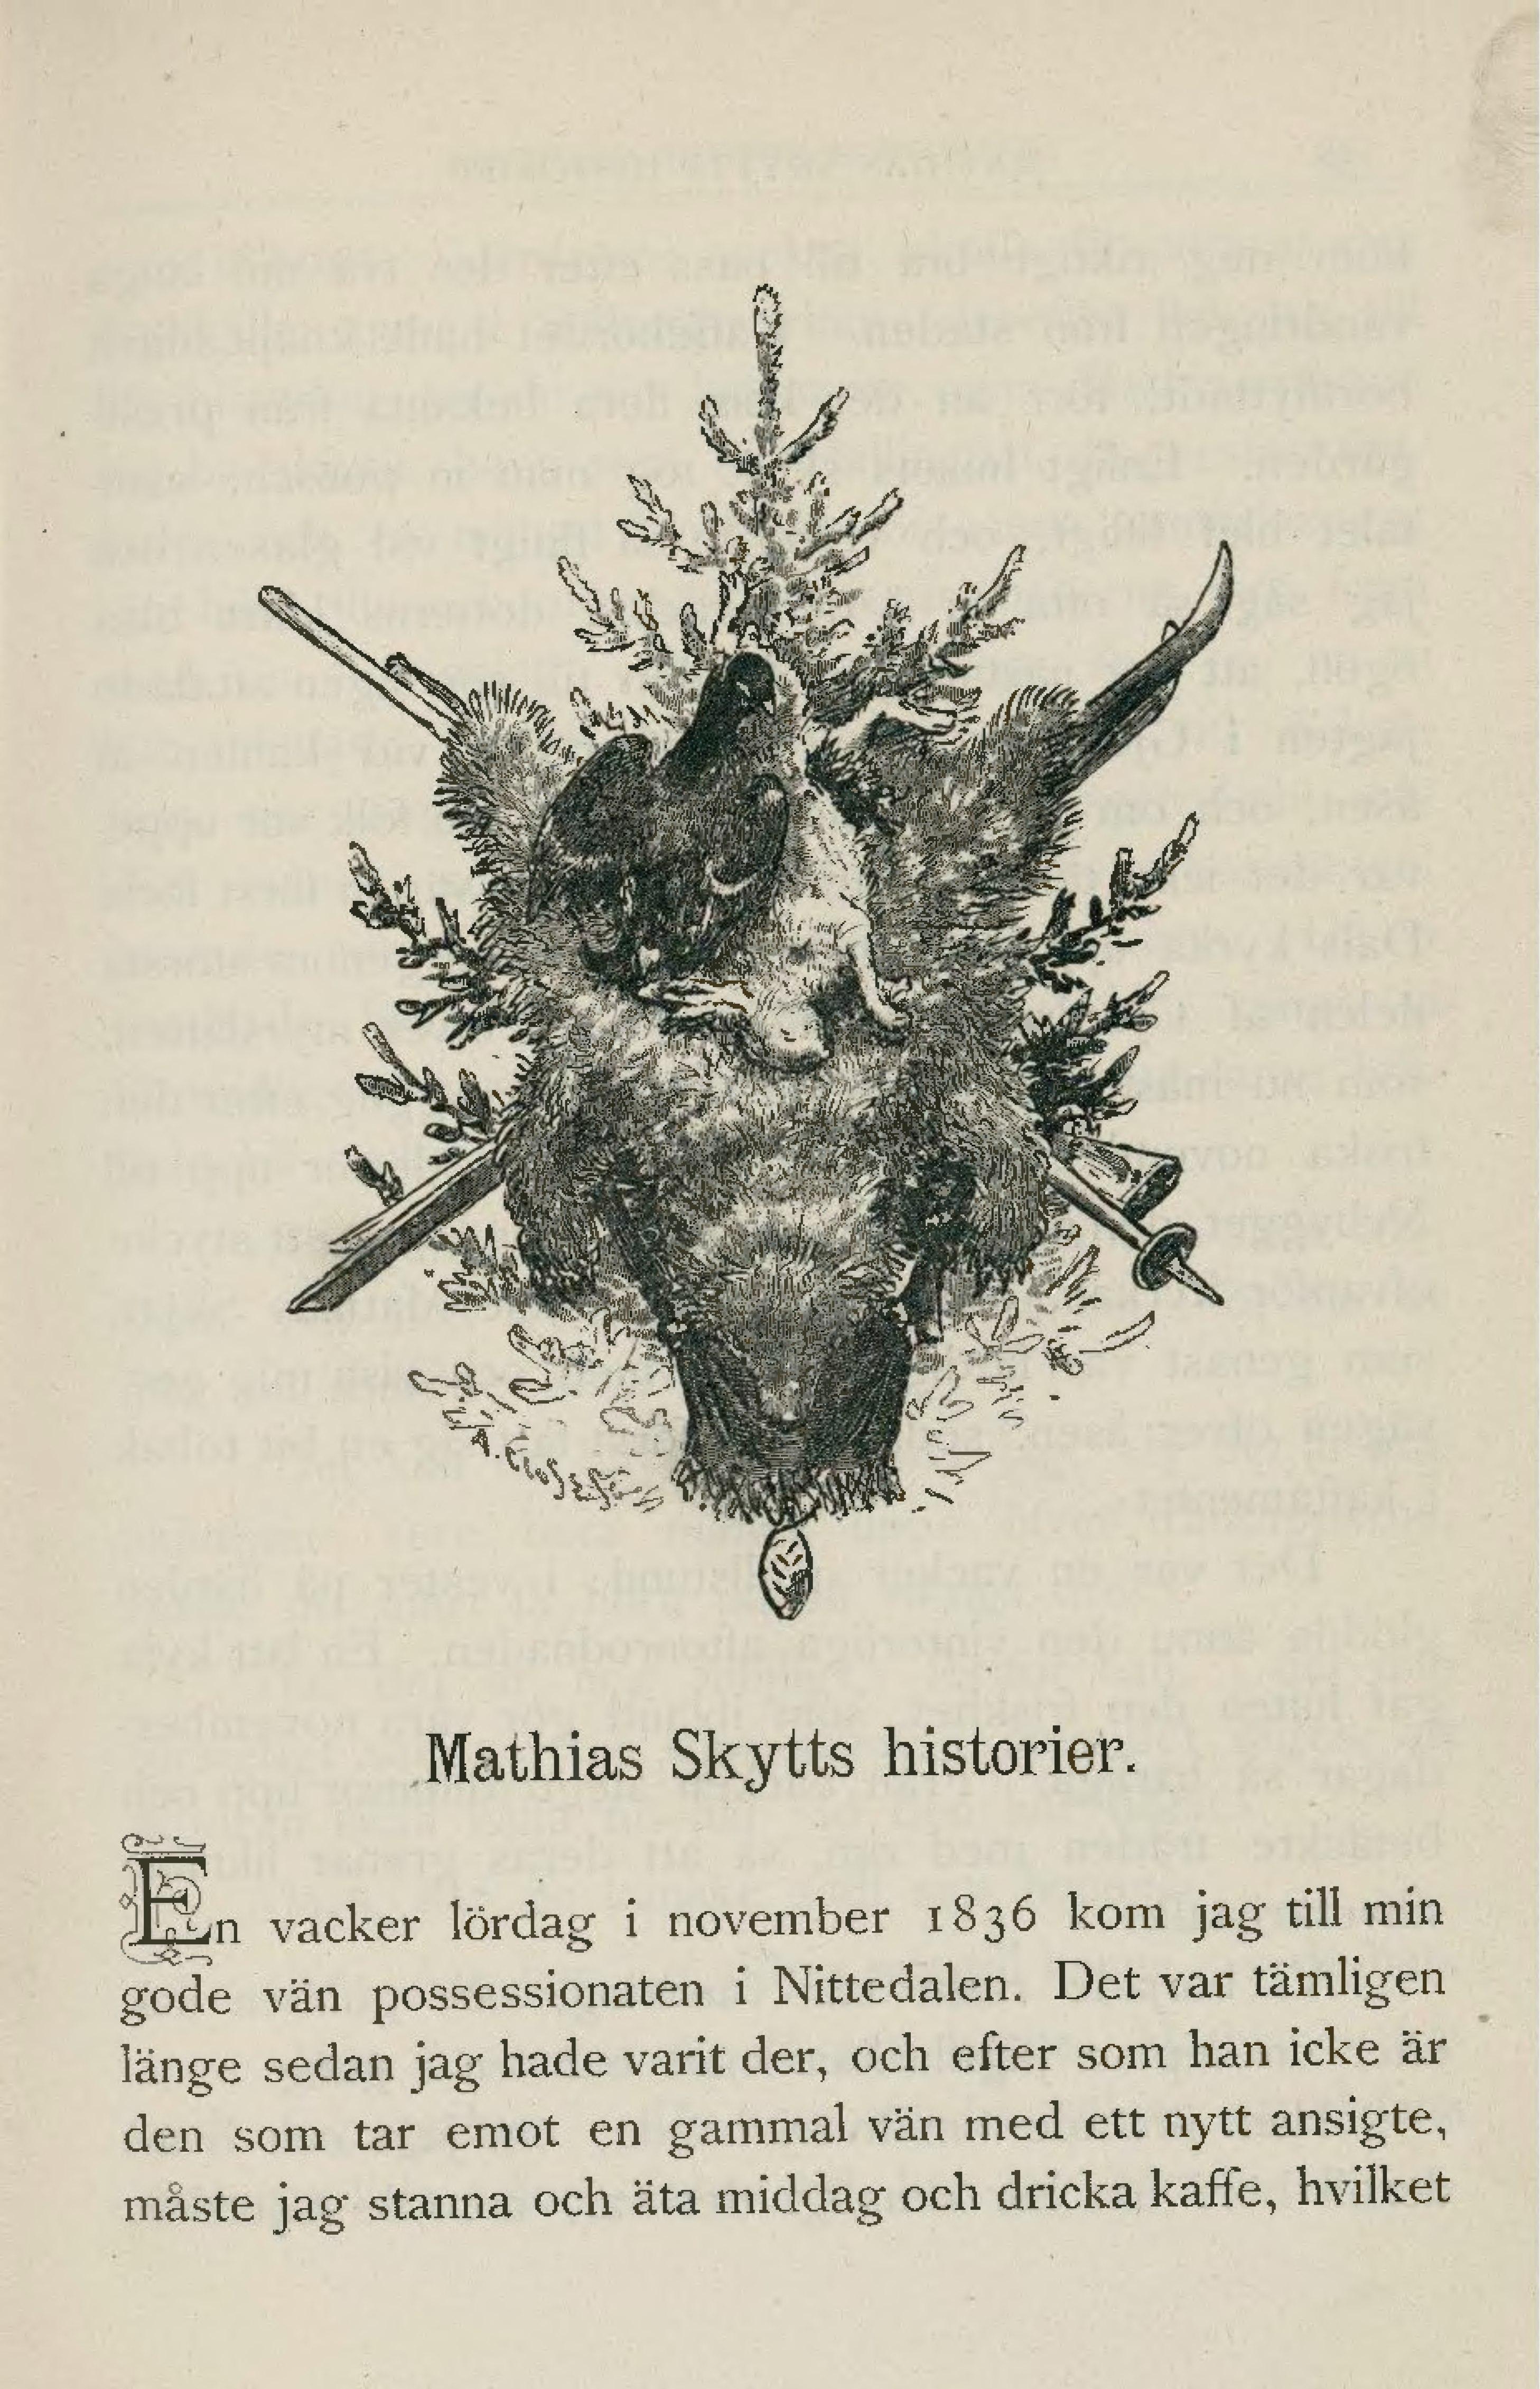 stockholm eskorts massage norrköping